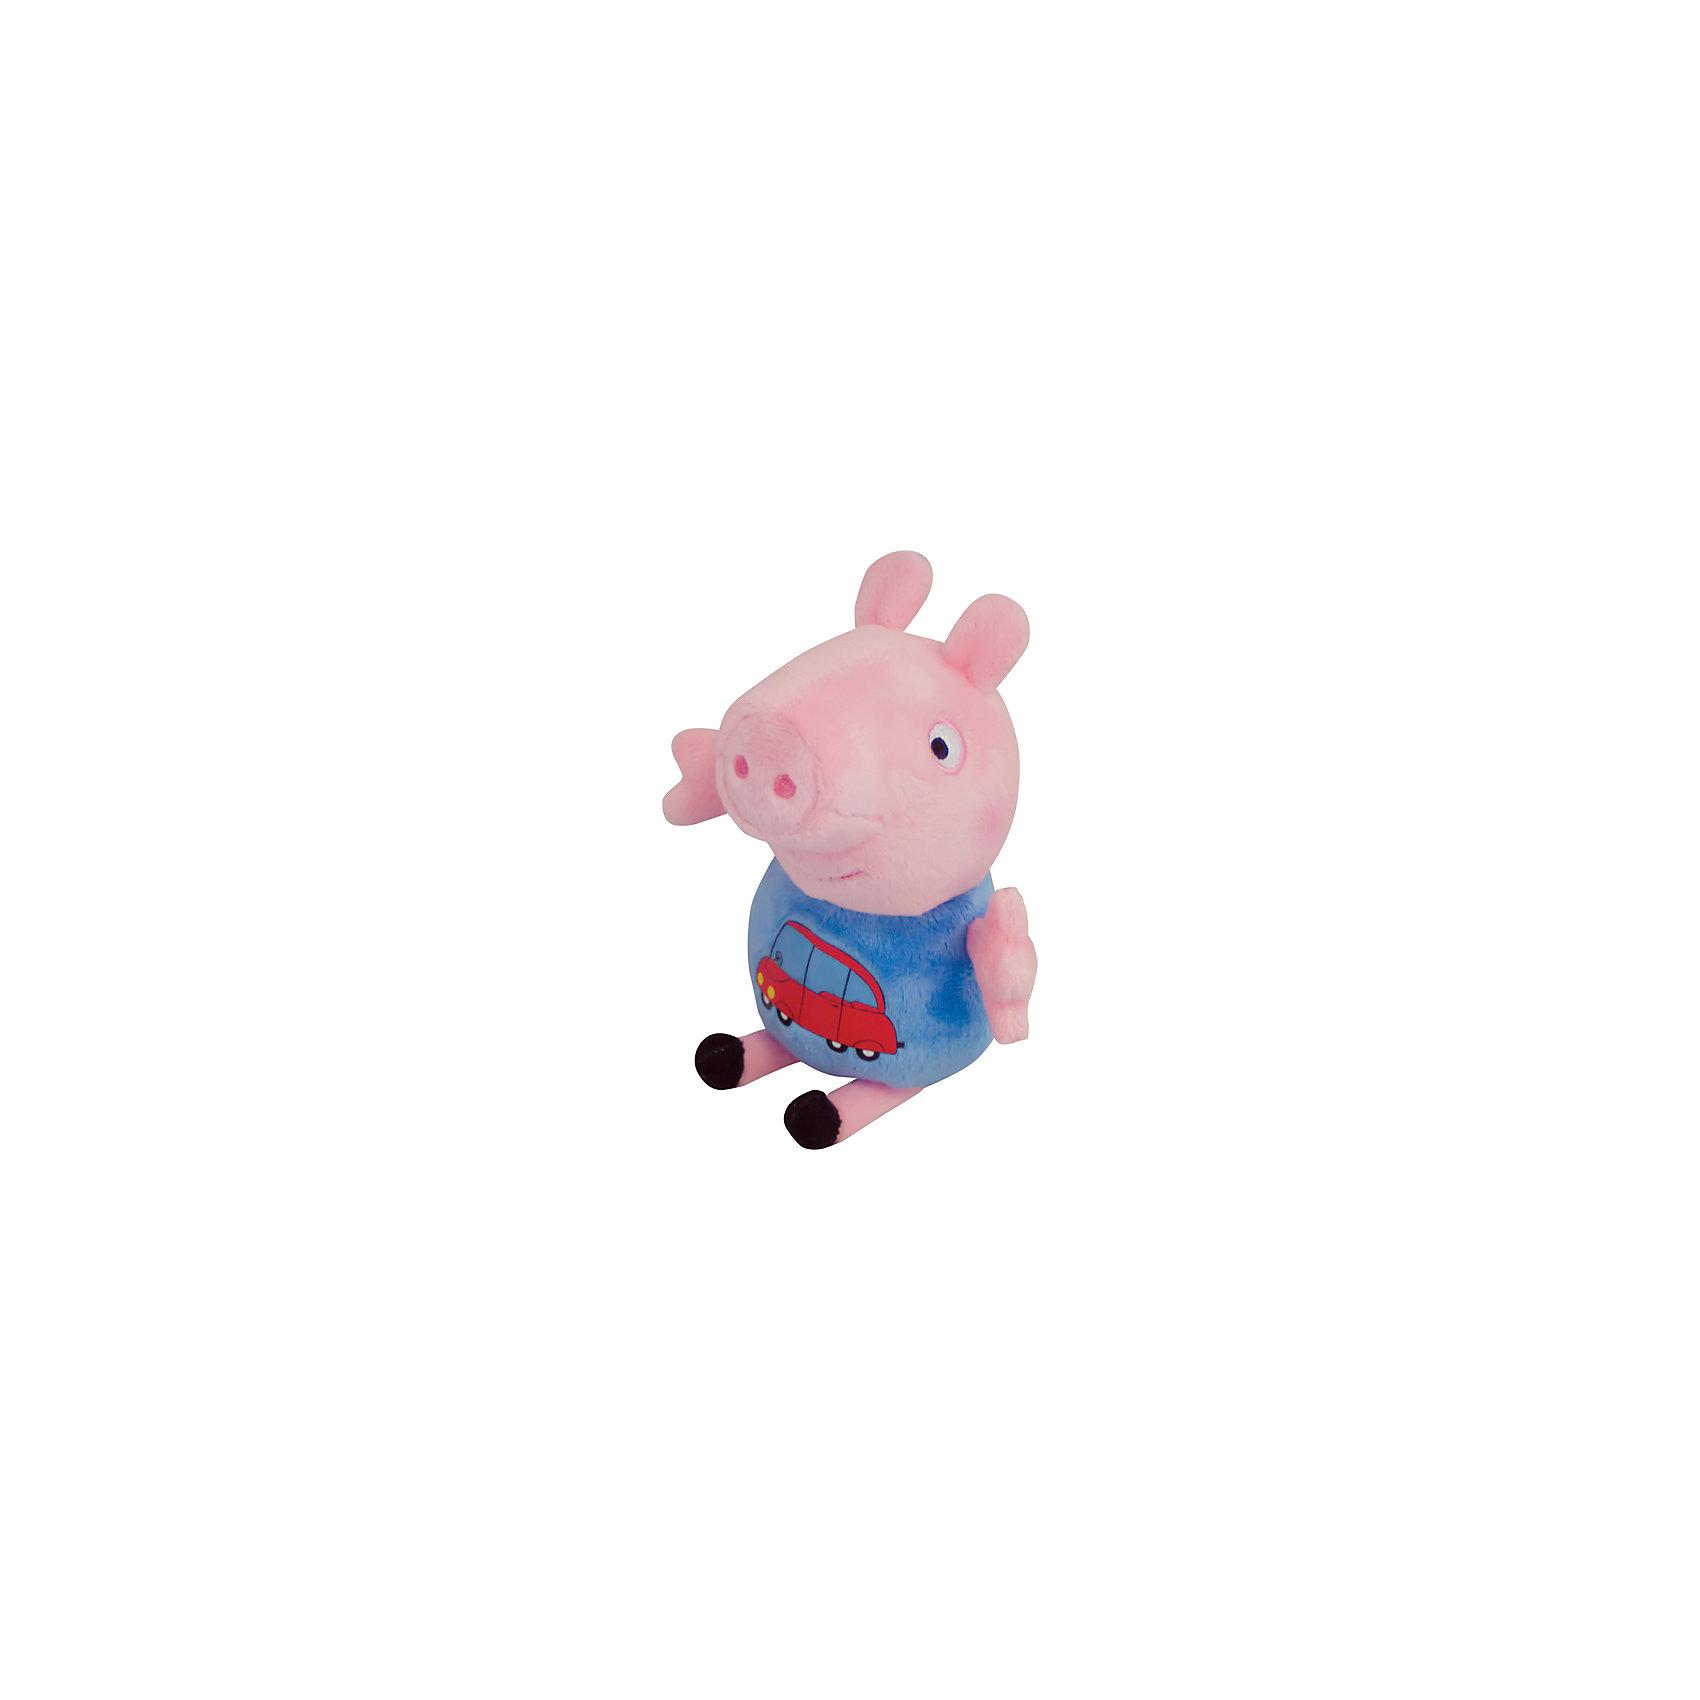 Росмэн Мягкая ирушка Джордж с машинкой, 18 см, Свинка Пеппа мягкая игрушка peppa pig джордж с машинкой свинка розовый текстиль 18 см 29620